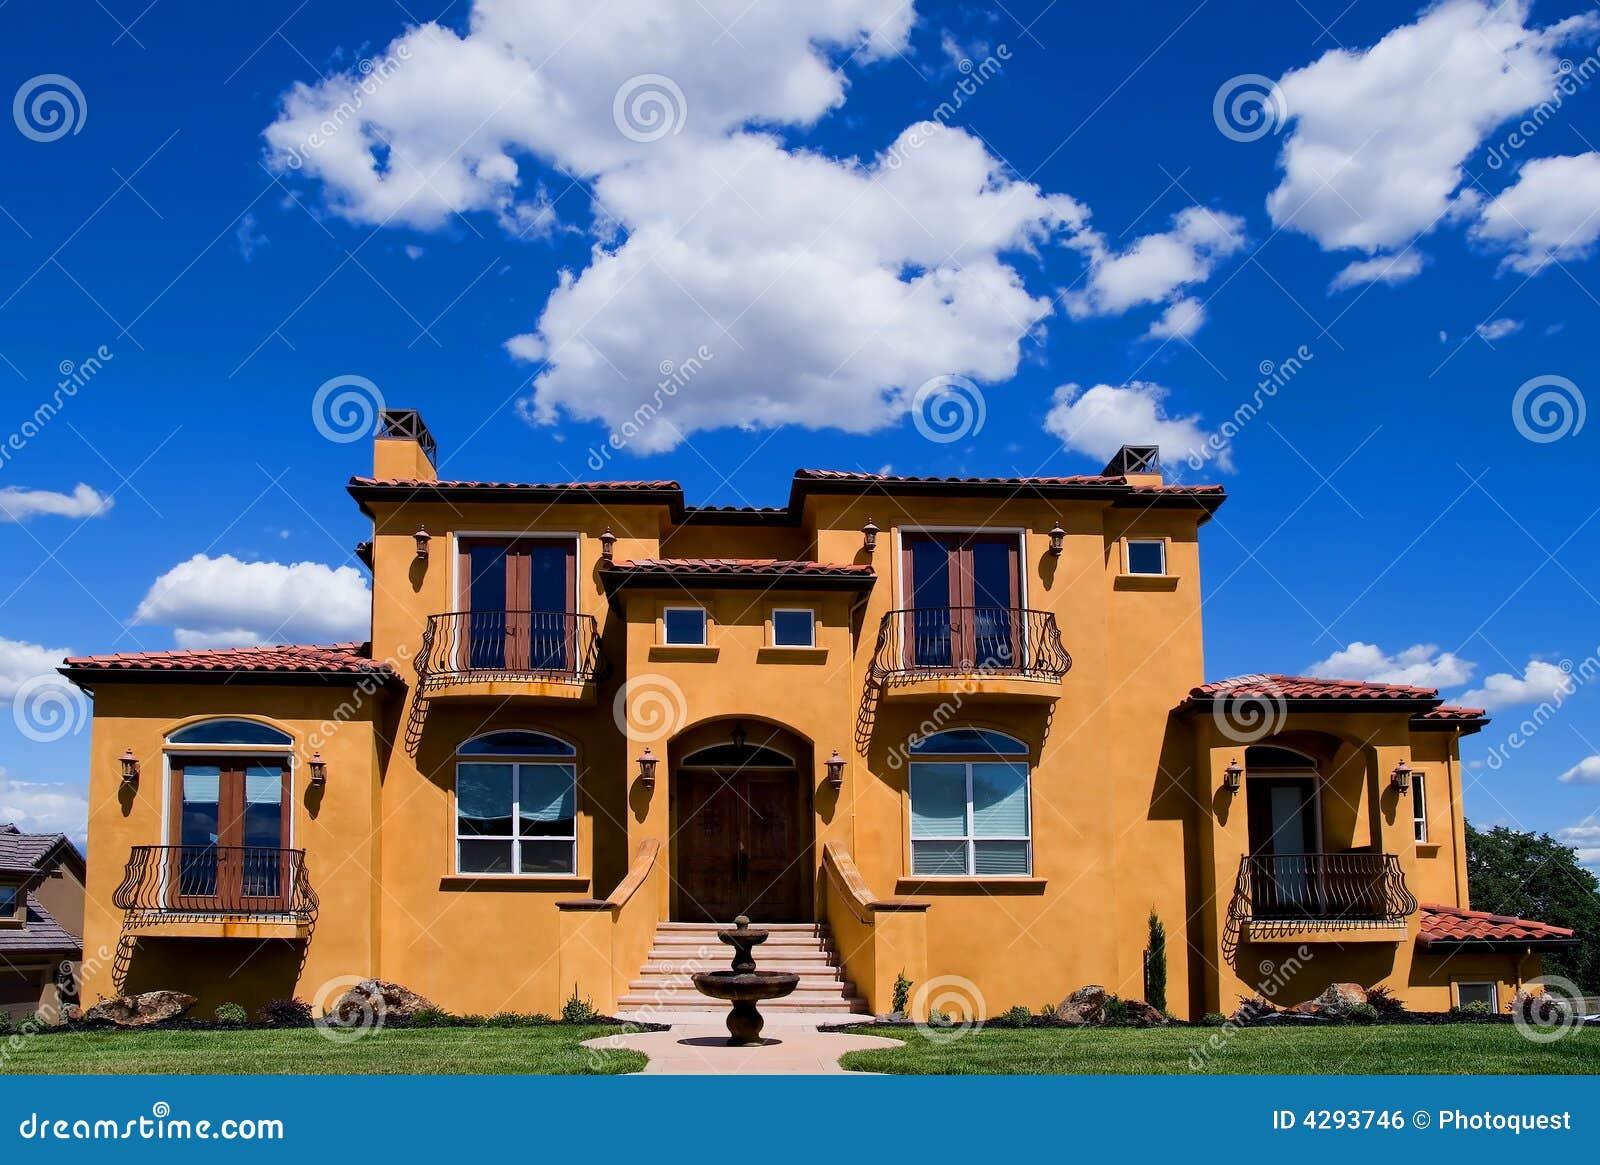 Belle villa jaune image libre de droits image 4293746 - Image de belle villa ...